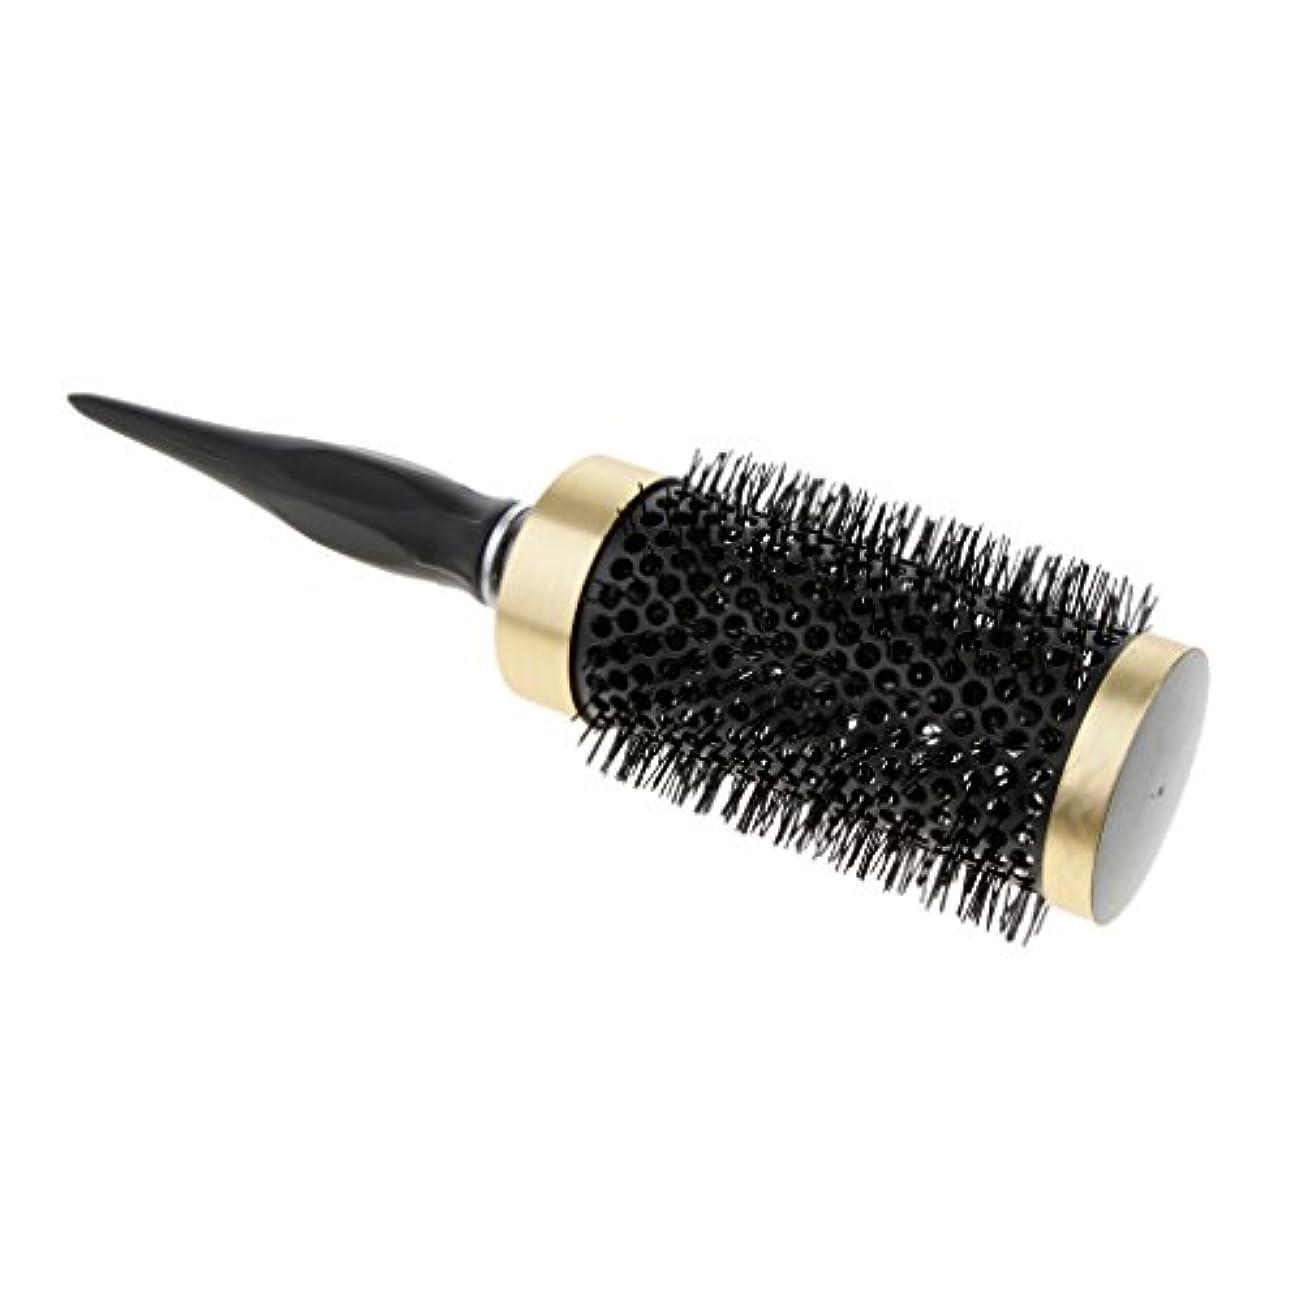 試みる容赦ない伝えるロールブラシ ヘアブラシ ナイロンブラシ 静電気防止 カーリング 巻き髪ヘア 全5サイズ - 52mm